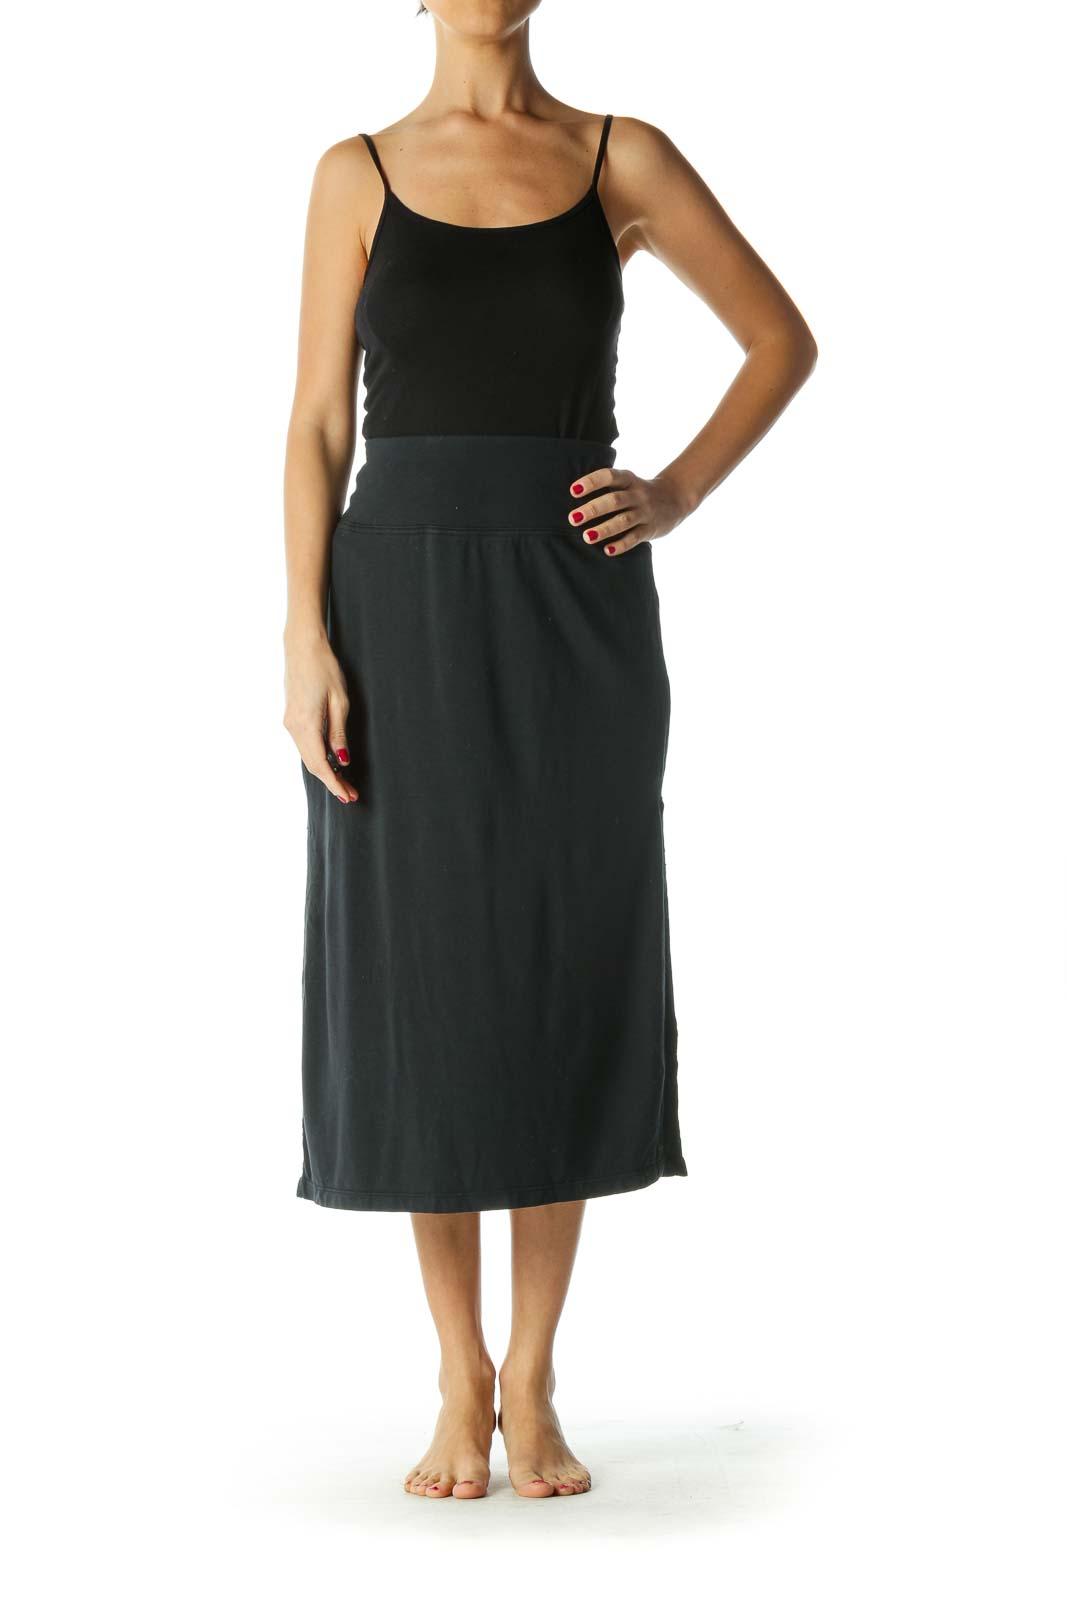 Blue Open-Leg Stretch Active Skirt